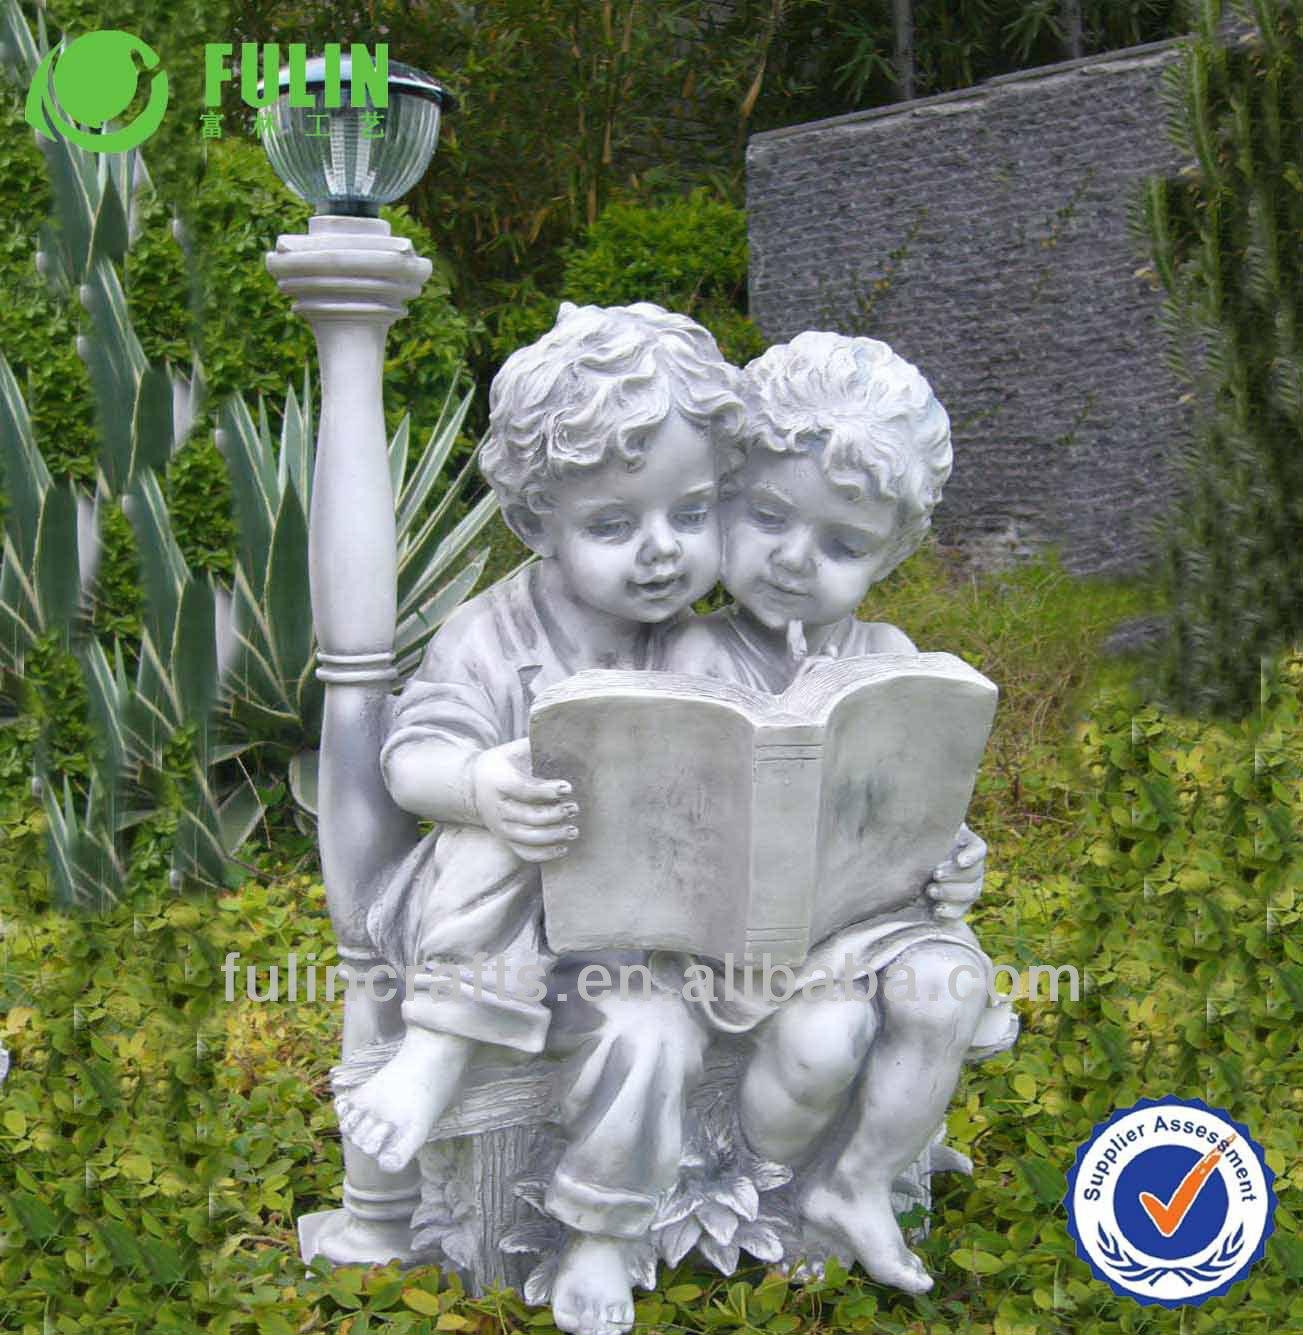 imagens de enfeites para jardim:jardim enfeites de resina anjo bonecas-Artesanato de resina-ID do